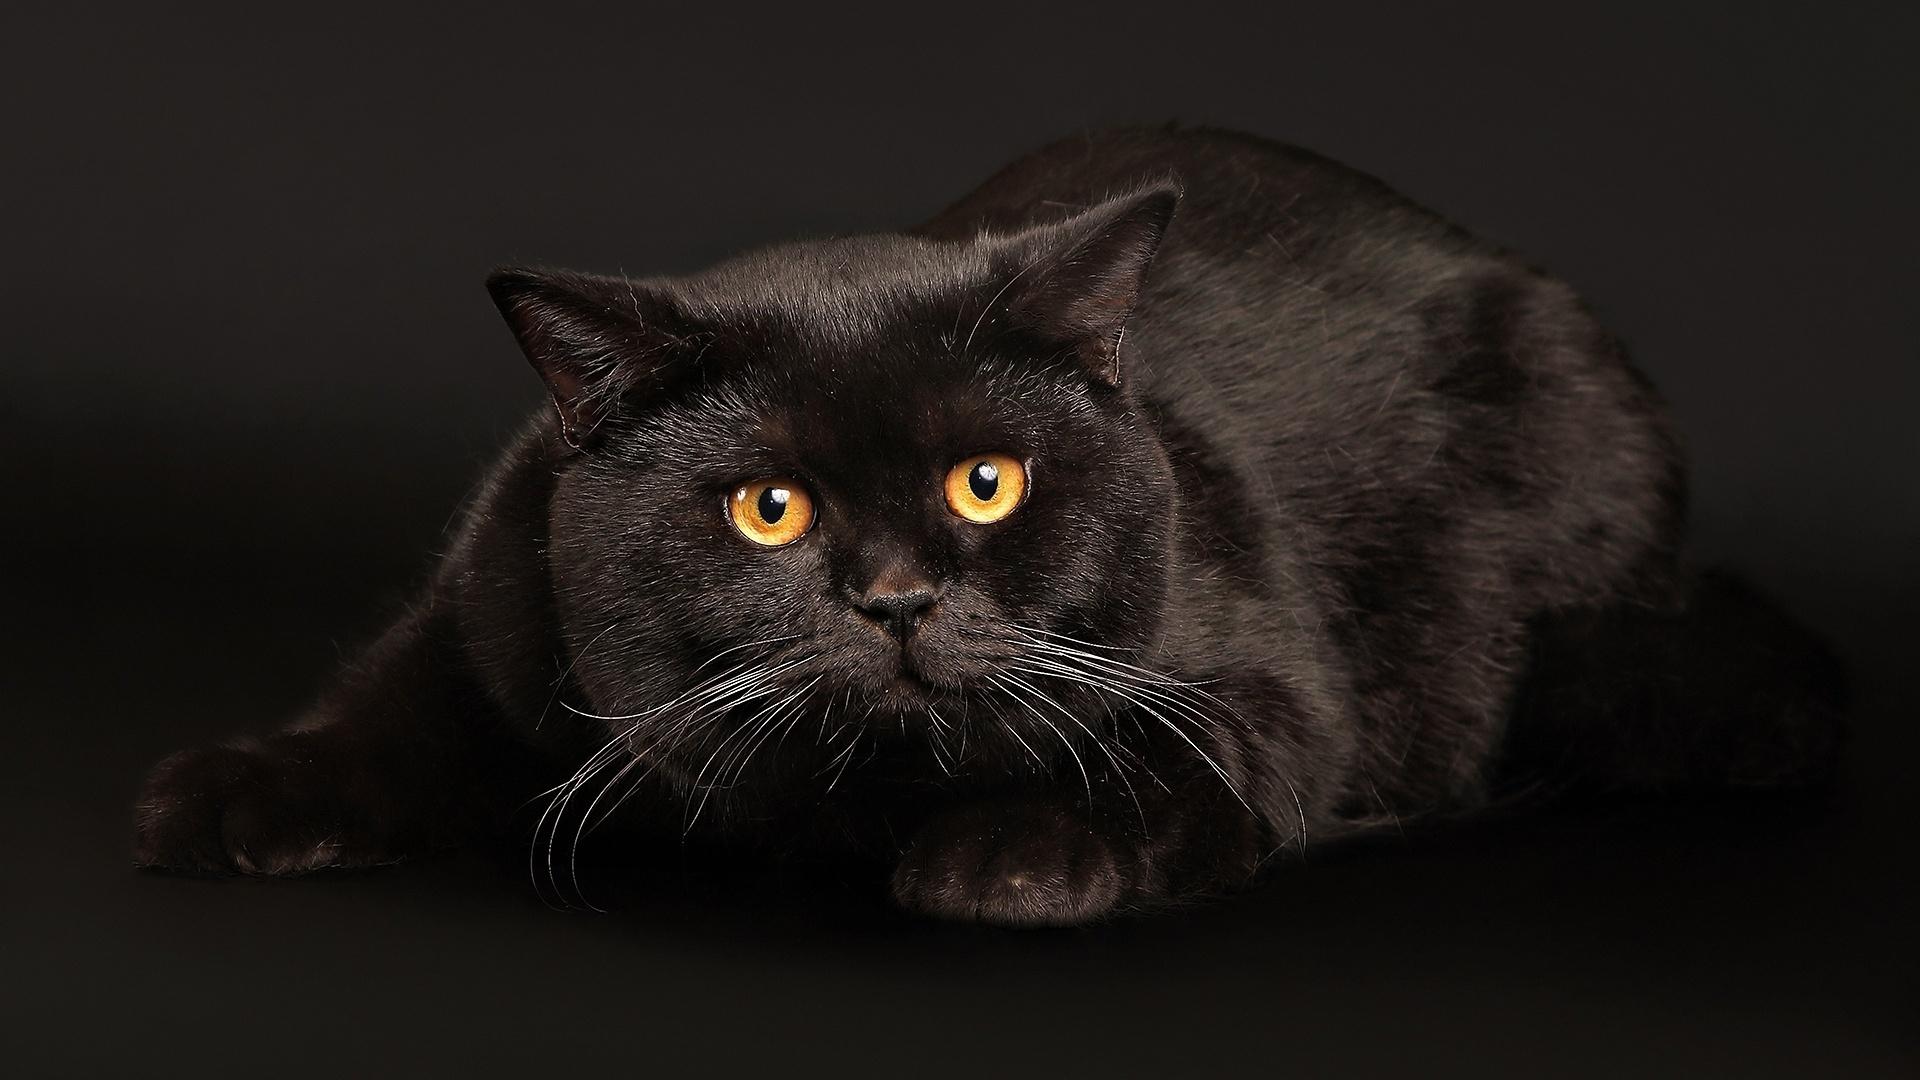 Black Cat wallpaper 16